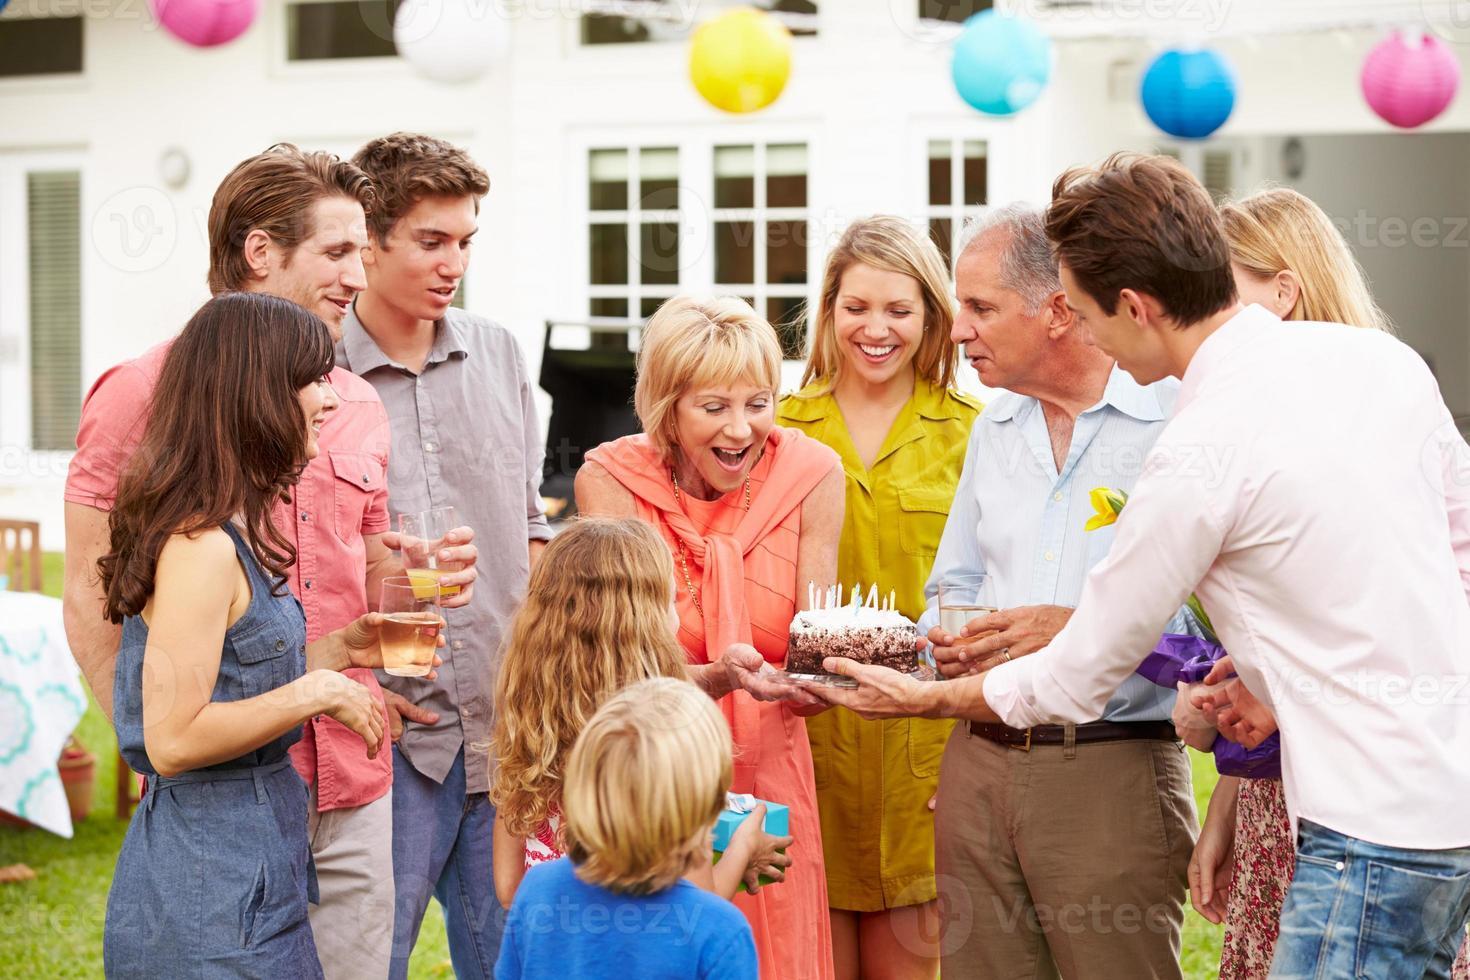 Familie mit mehreren Generationen, die Geburtstag im Garten feiert foto